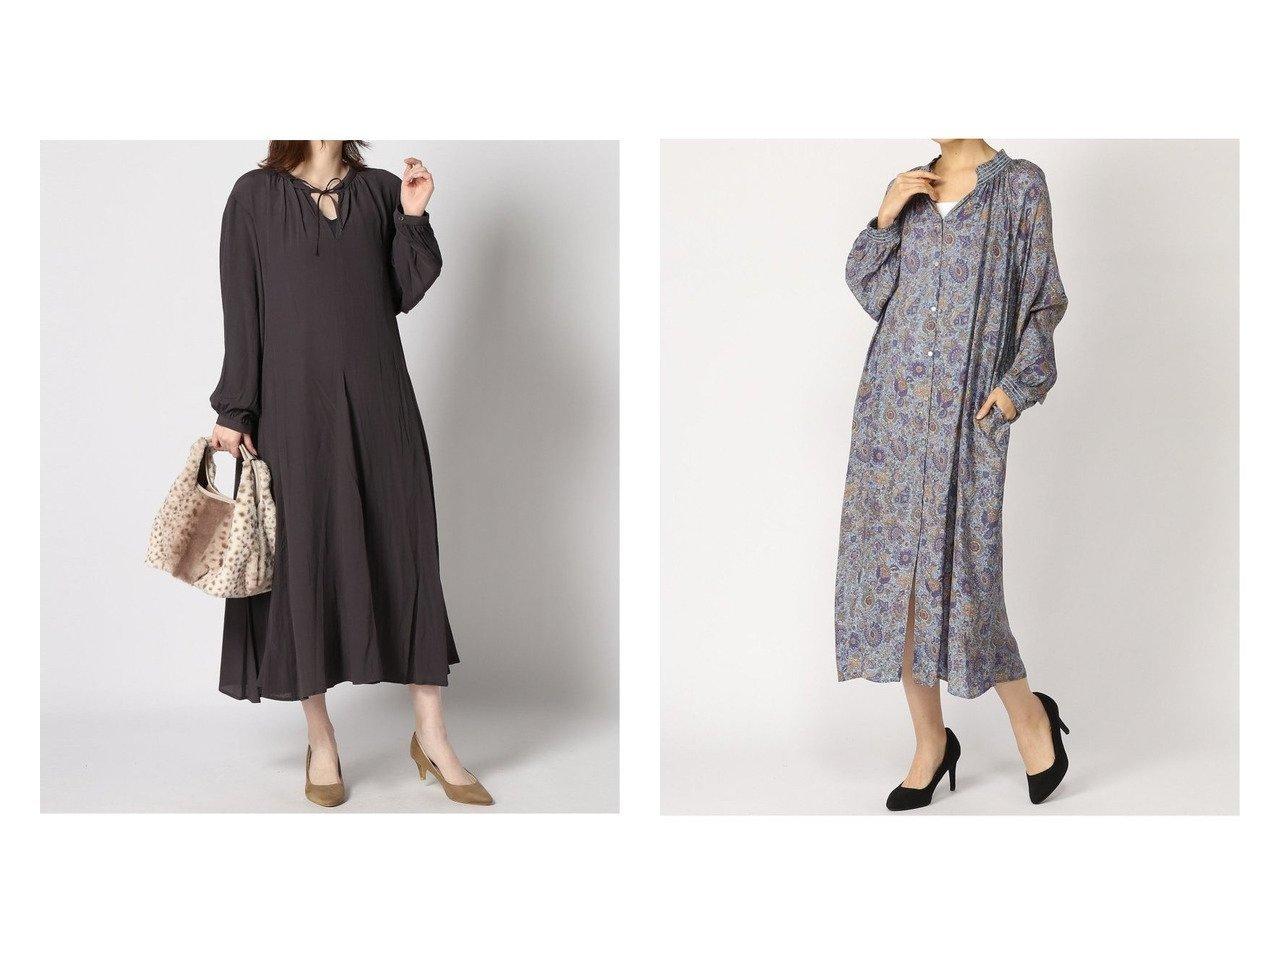 【JOURNAL STANDARD relume/ジャーナルスタンダード レリューム】のRayonマーメイドギャザーOP&シャーリングギャザー LONG OP ワンピース・ドレスのおすすめ!人気、トレンド・レディースファッションの通販  おすすめで人気の流行・トレンド、ファッションの通販商品 メンズファッション・キッズファッション・インテリア・家具・レディースファッション・服の通販 founy(ファニー) https://founy.com/ ファッション Fashion レディースファッション WOMEN ワンピース Dress 2020年 2020 2020-2021 秋冬 A/W AW Autumn/Winter / FW Fall-Winter 2020-2021 A/W 秋冬 AW Autumn/Winter / FW Fall-Winter ギャザー マーメイド ルーズ ロング 長袖 |ID:crp329100000010167